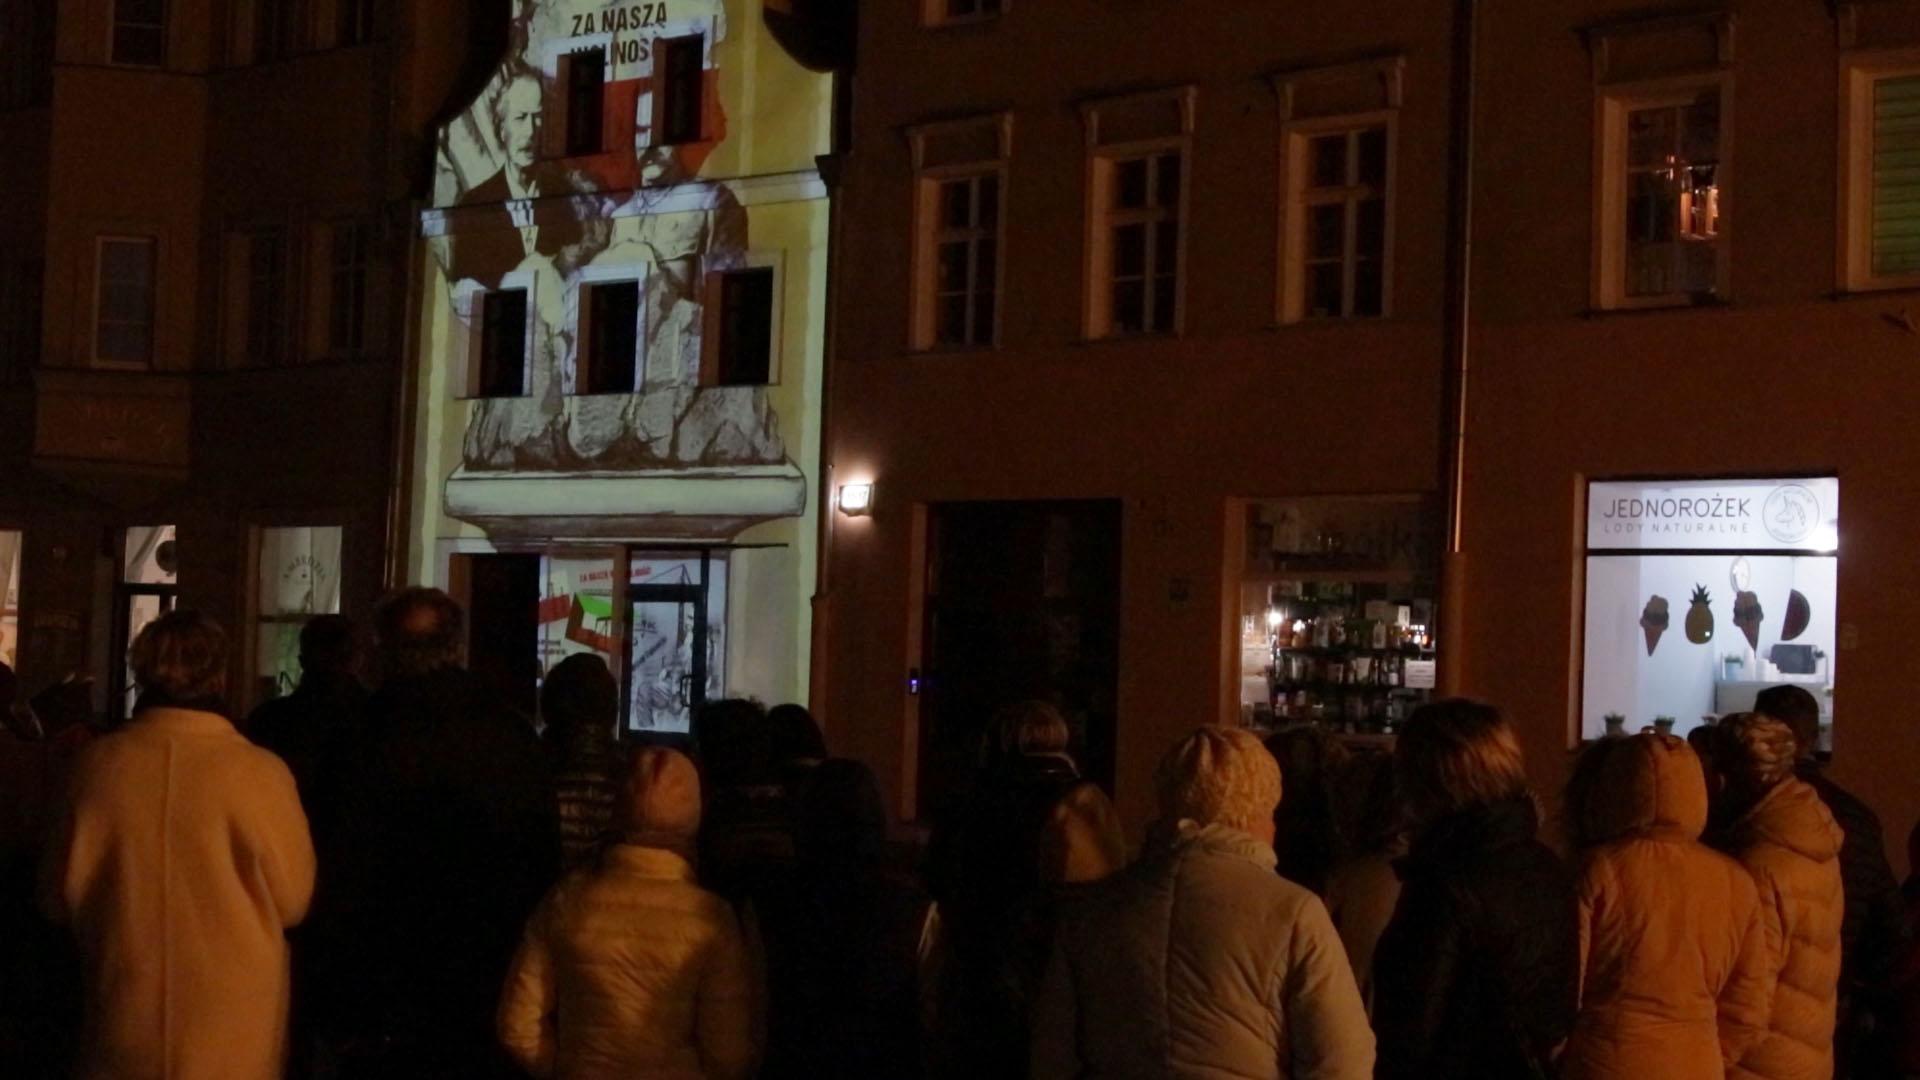 Multimedialny pokaz świateł na 100. rocznicę Obrony Włocławka